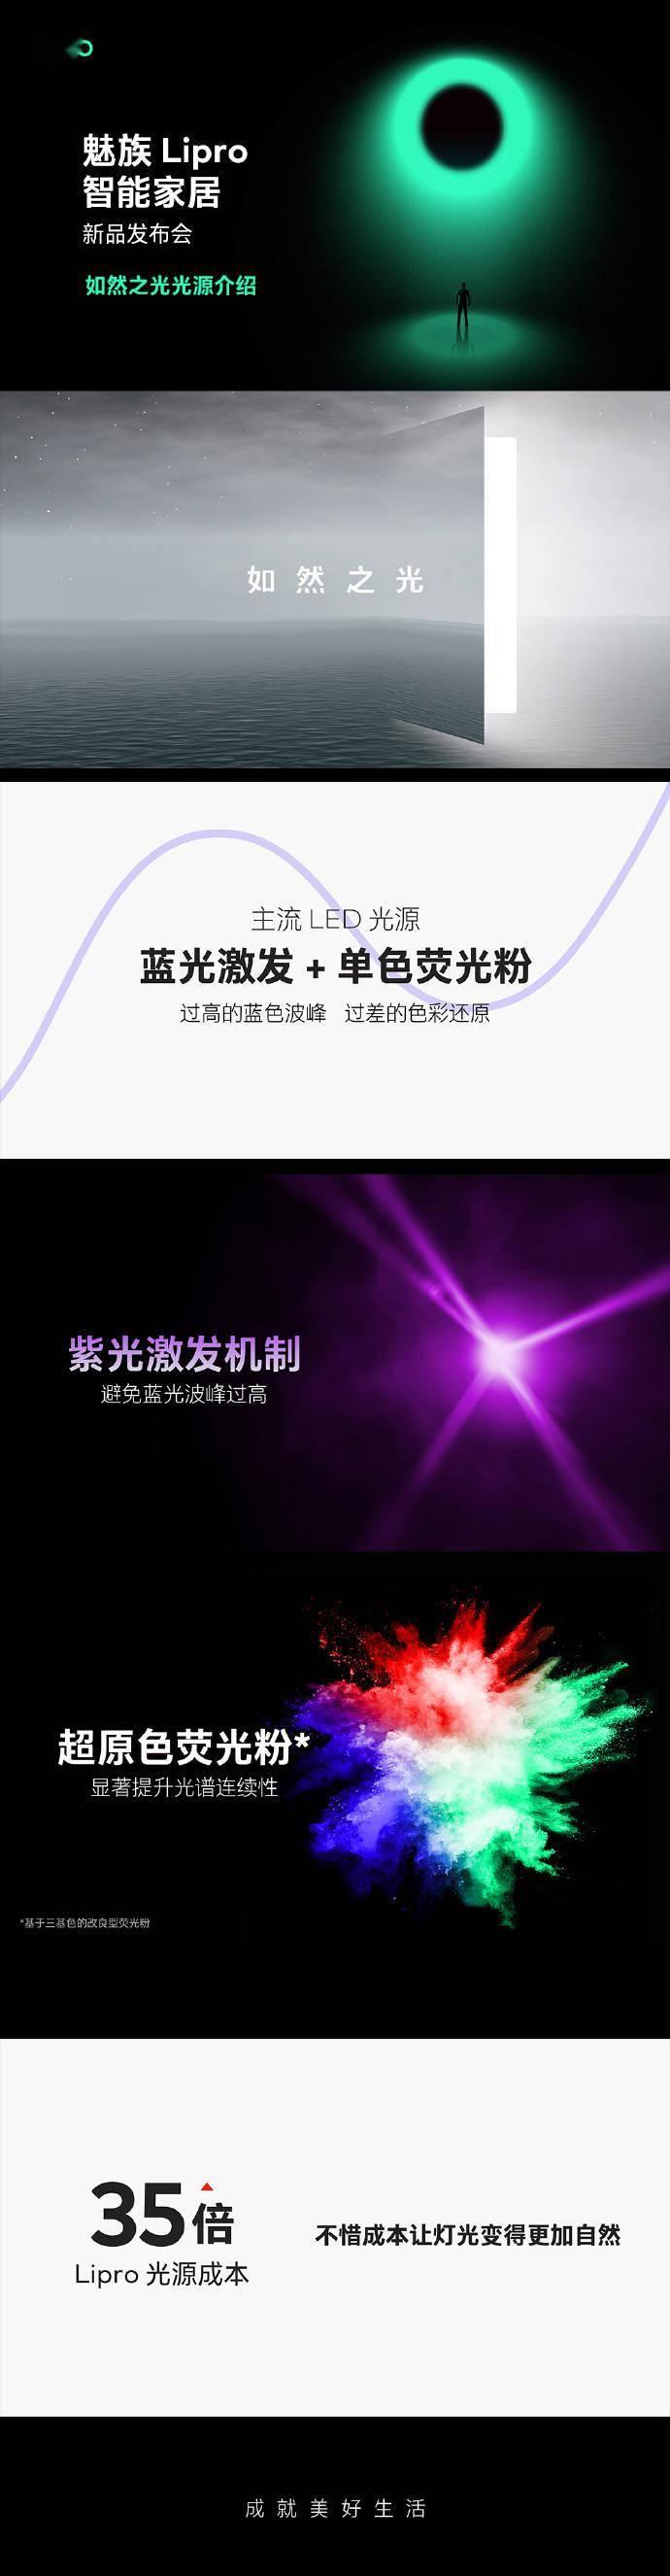 魅族Lipro健康照明全系列搭载如然之光光源